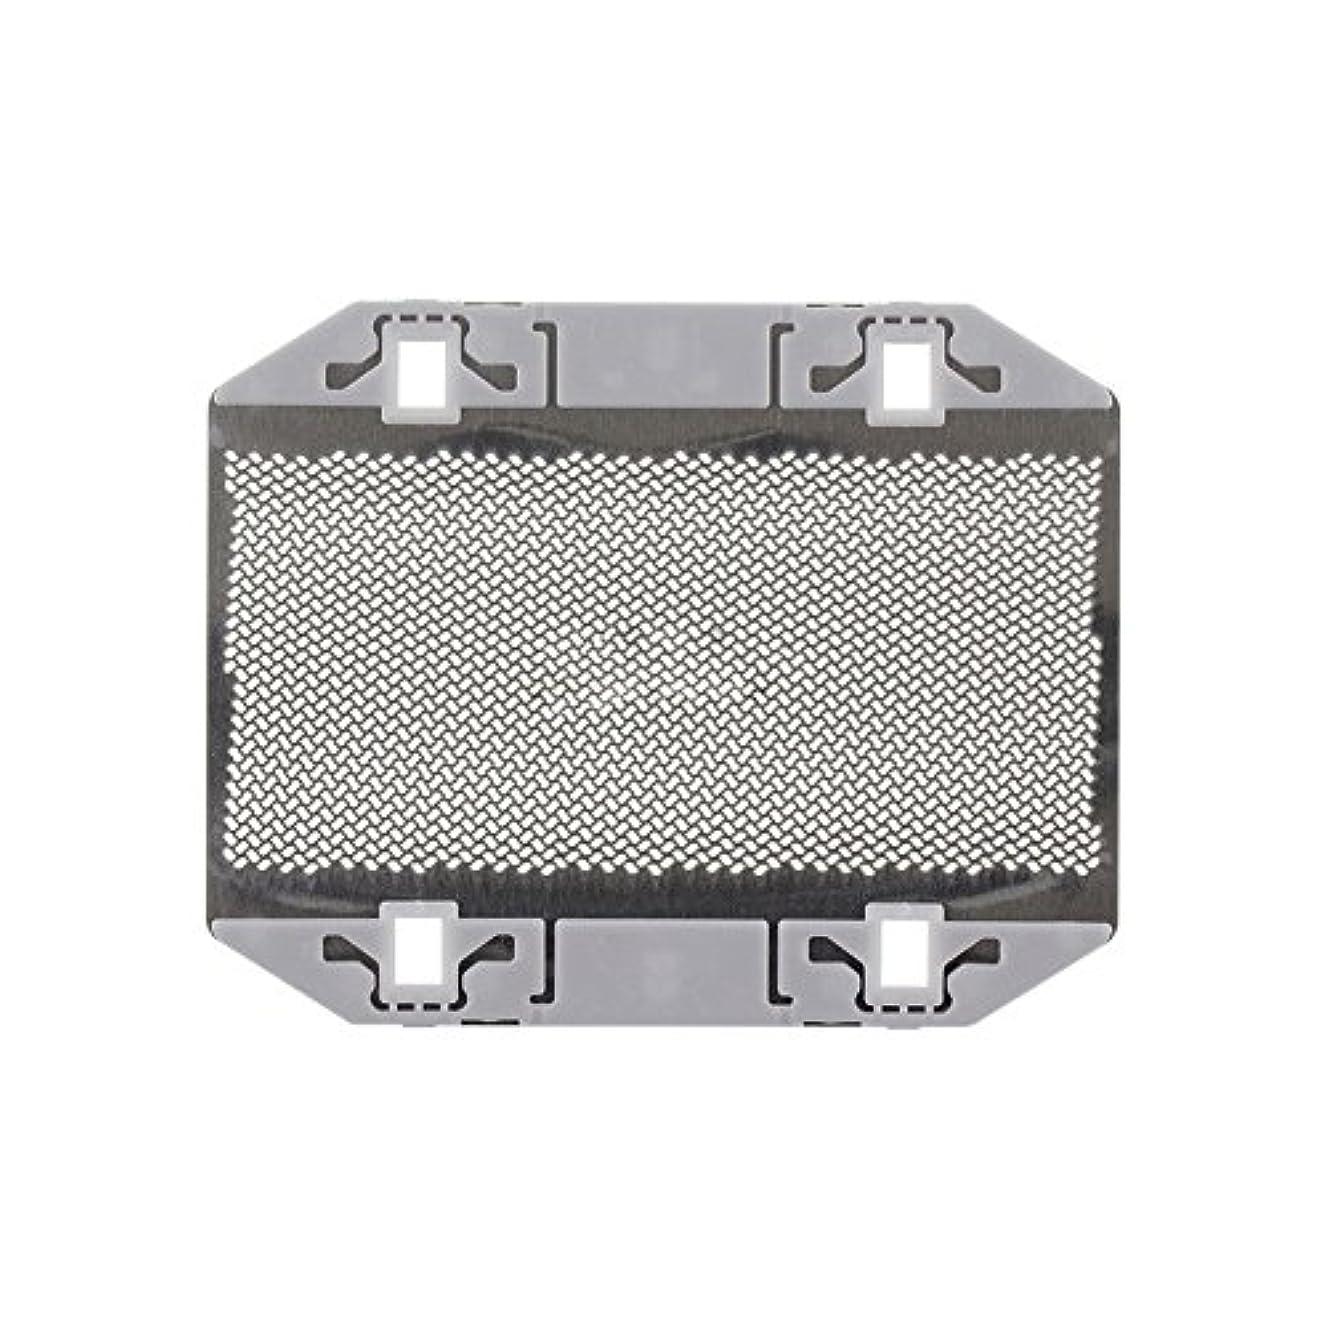 多年生ロンドンインターネットJanjunsi 回転式シェーバー シェーバーパーツ シェーバー 交換用 替刃 外刃 耐用 for Panasonic ES9943 ES3042 ES3801 ES3750 ES365 ES366